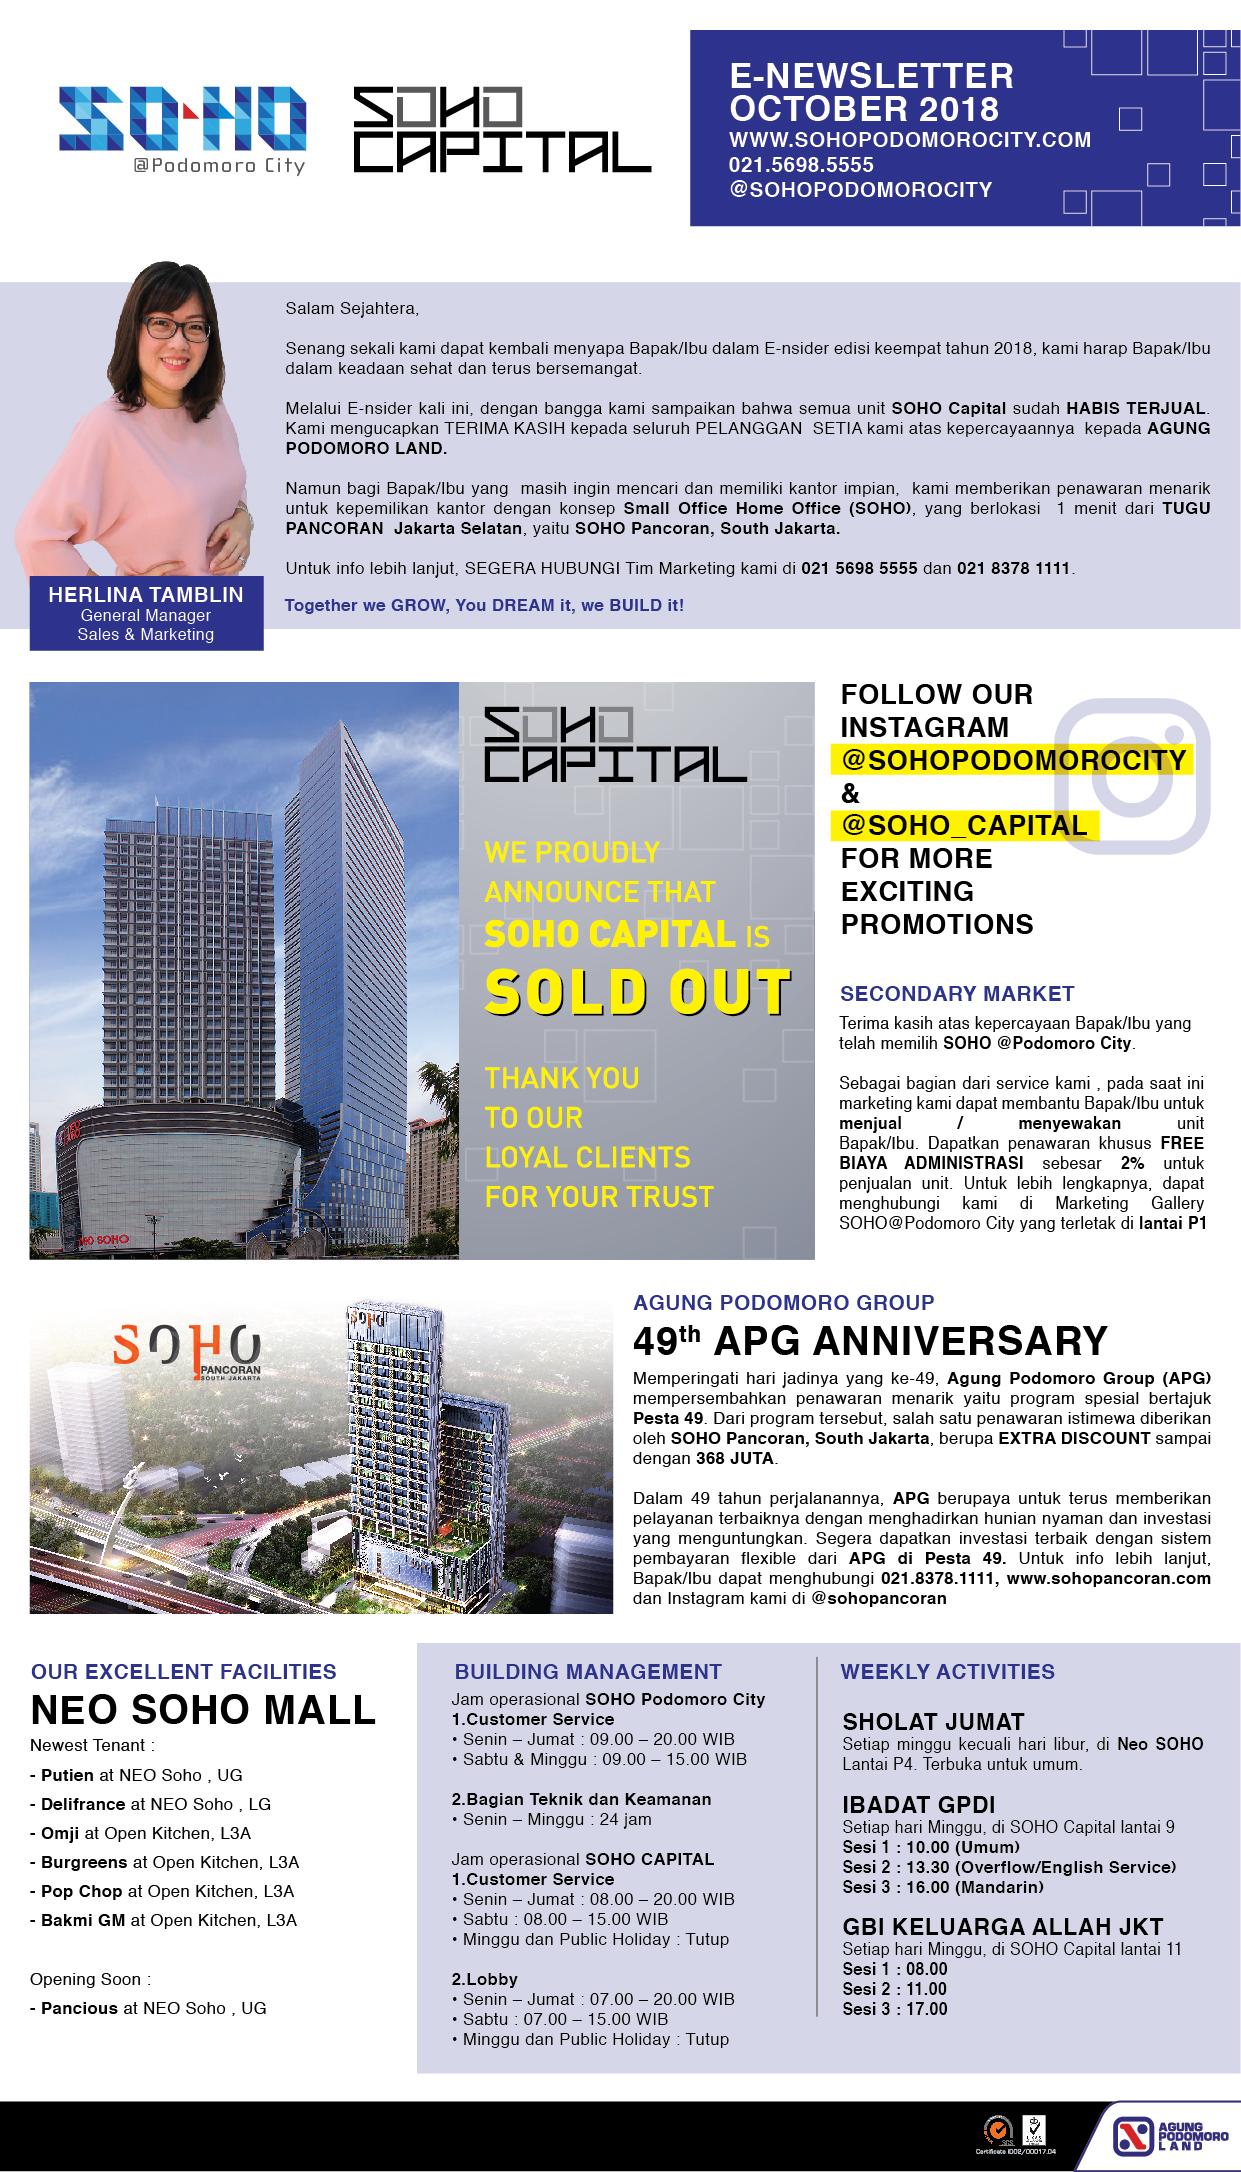 SOHO e-newsletter October 2018-02